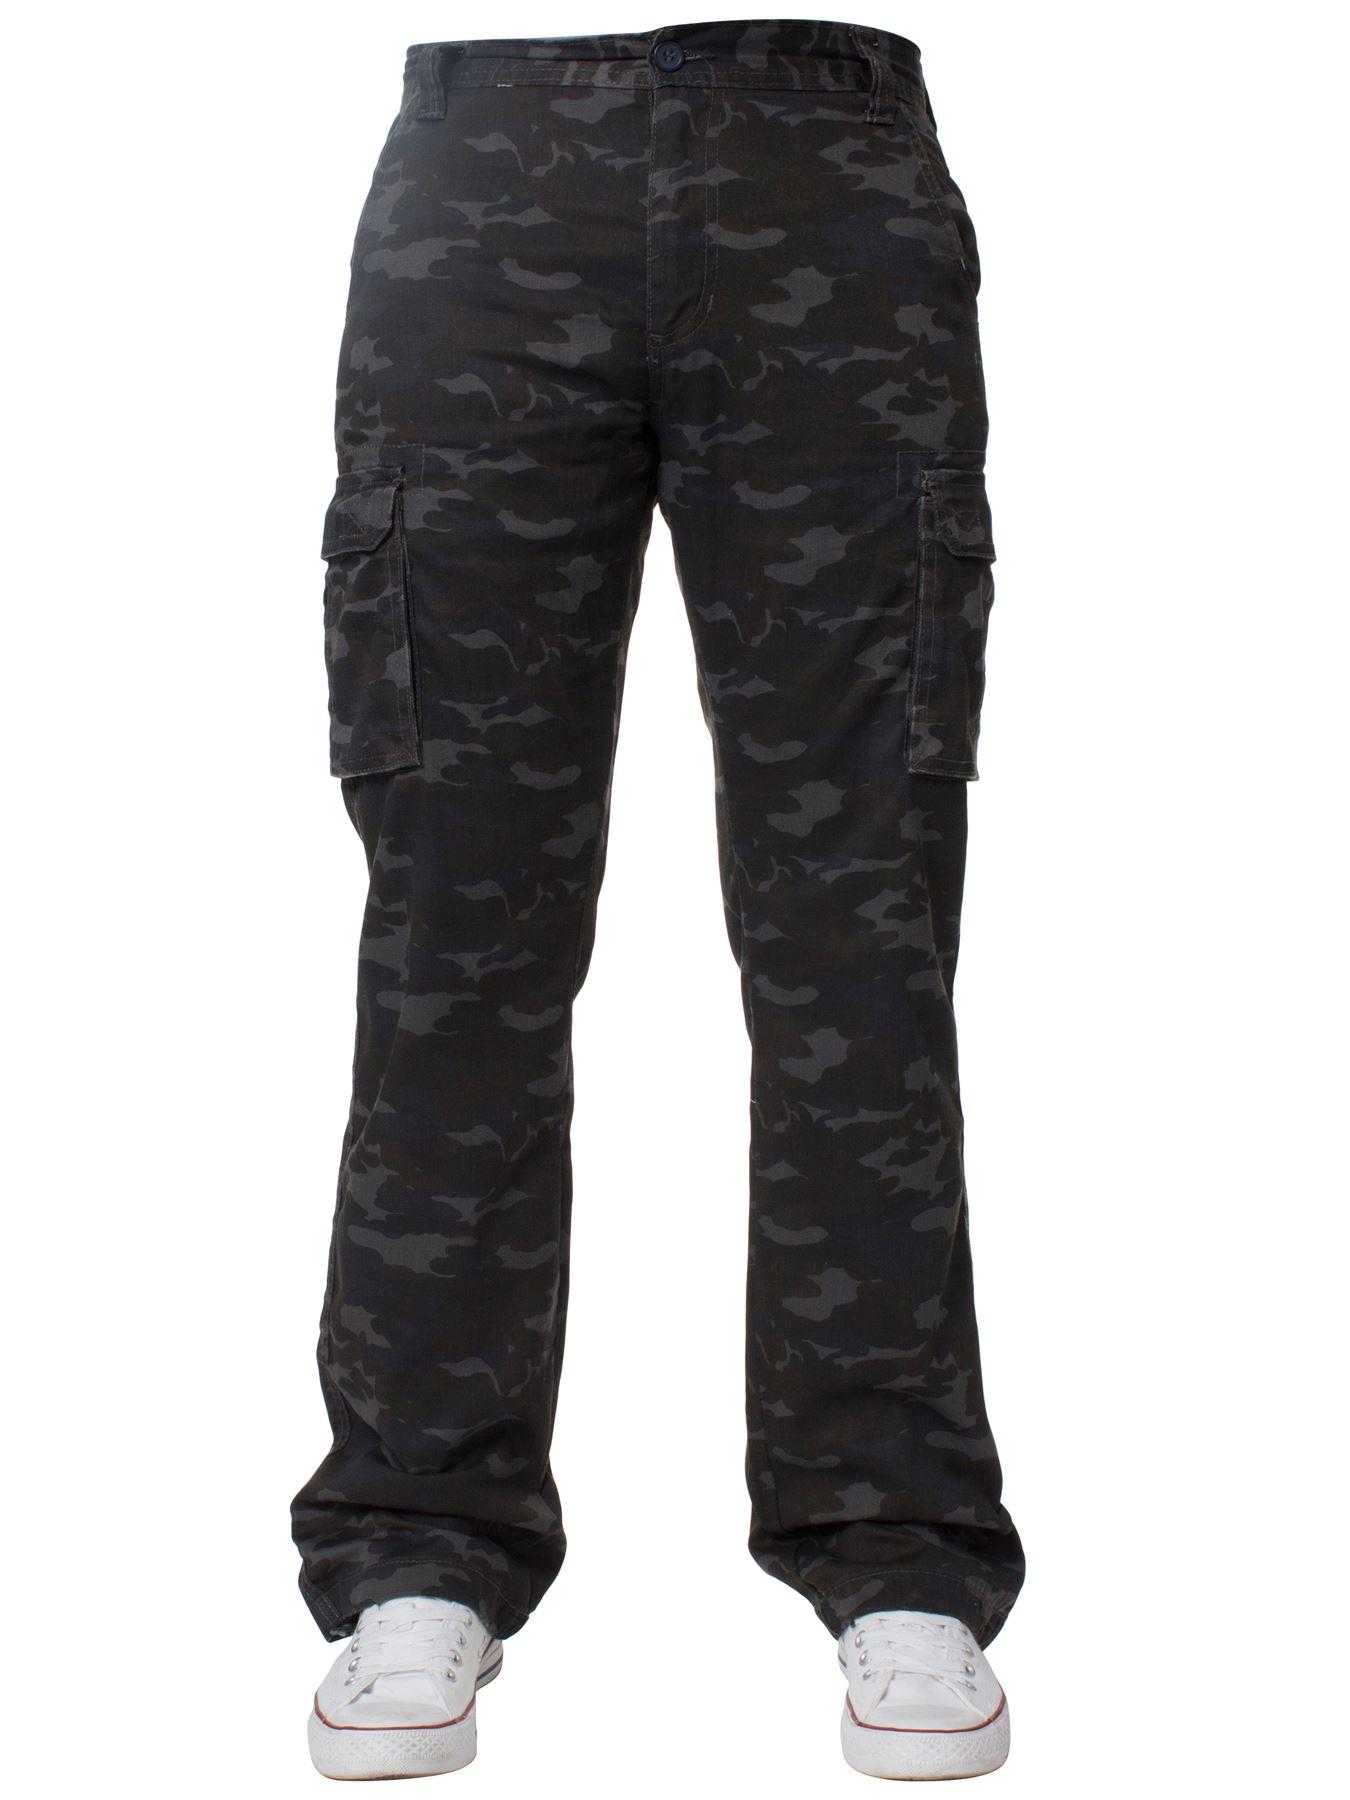 Kruze-Uomo-Militare-Pantaloni-Camouflage-Cargo-Mimetico-Casual-Lavoro miniatura 34